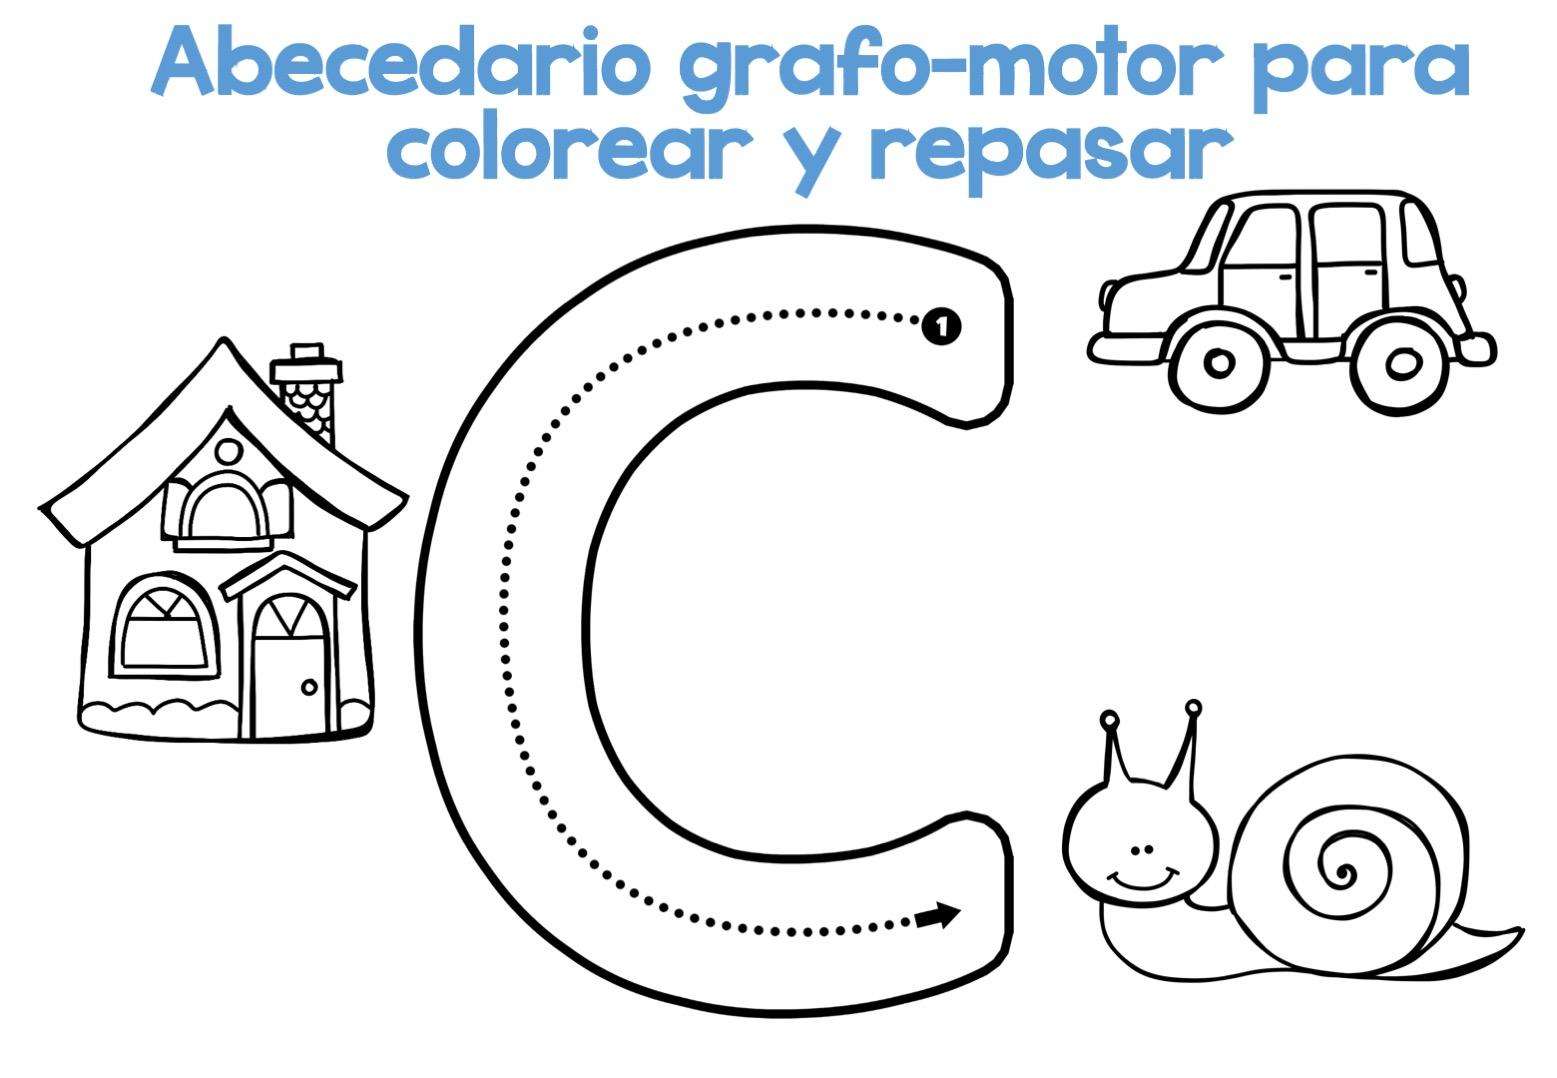 Completo Abecedario Grafo Motor Para Colorear Y Repasar Orientacion